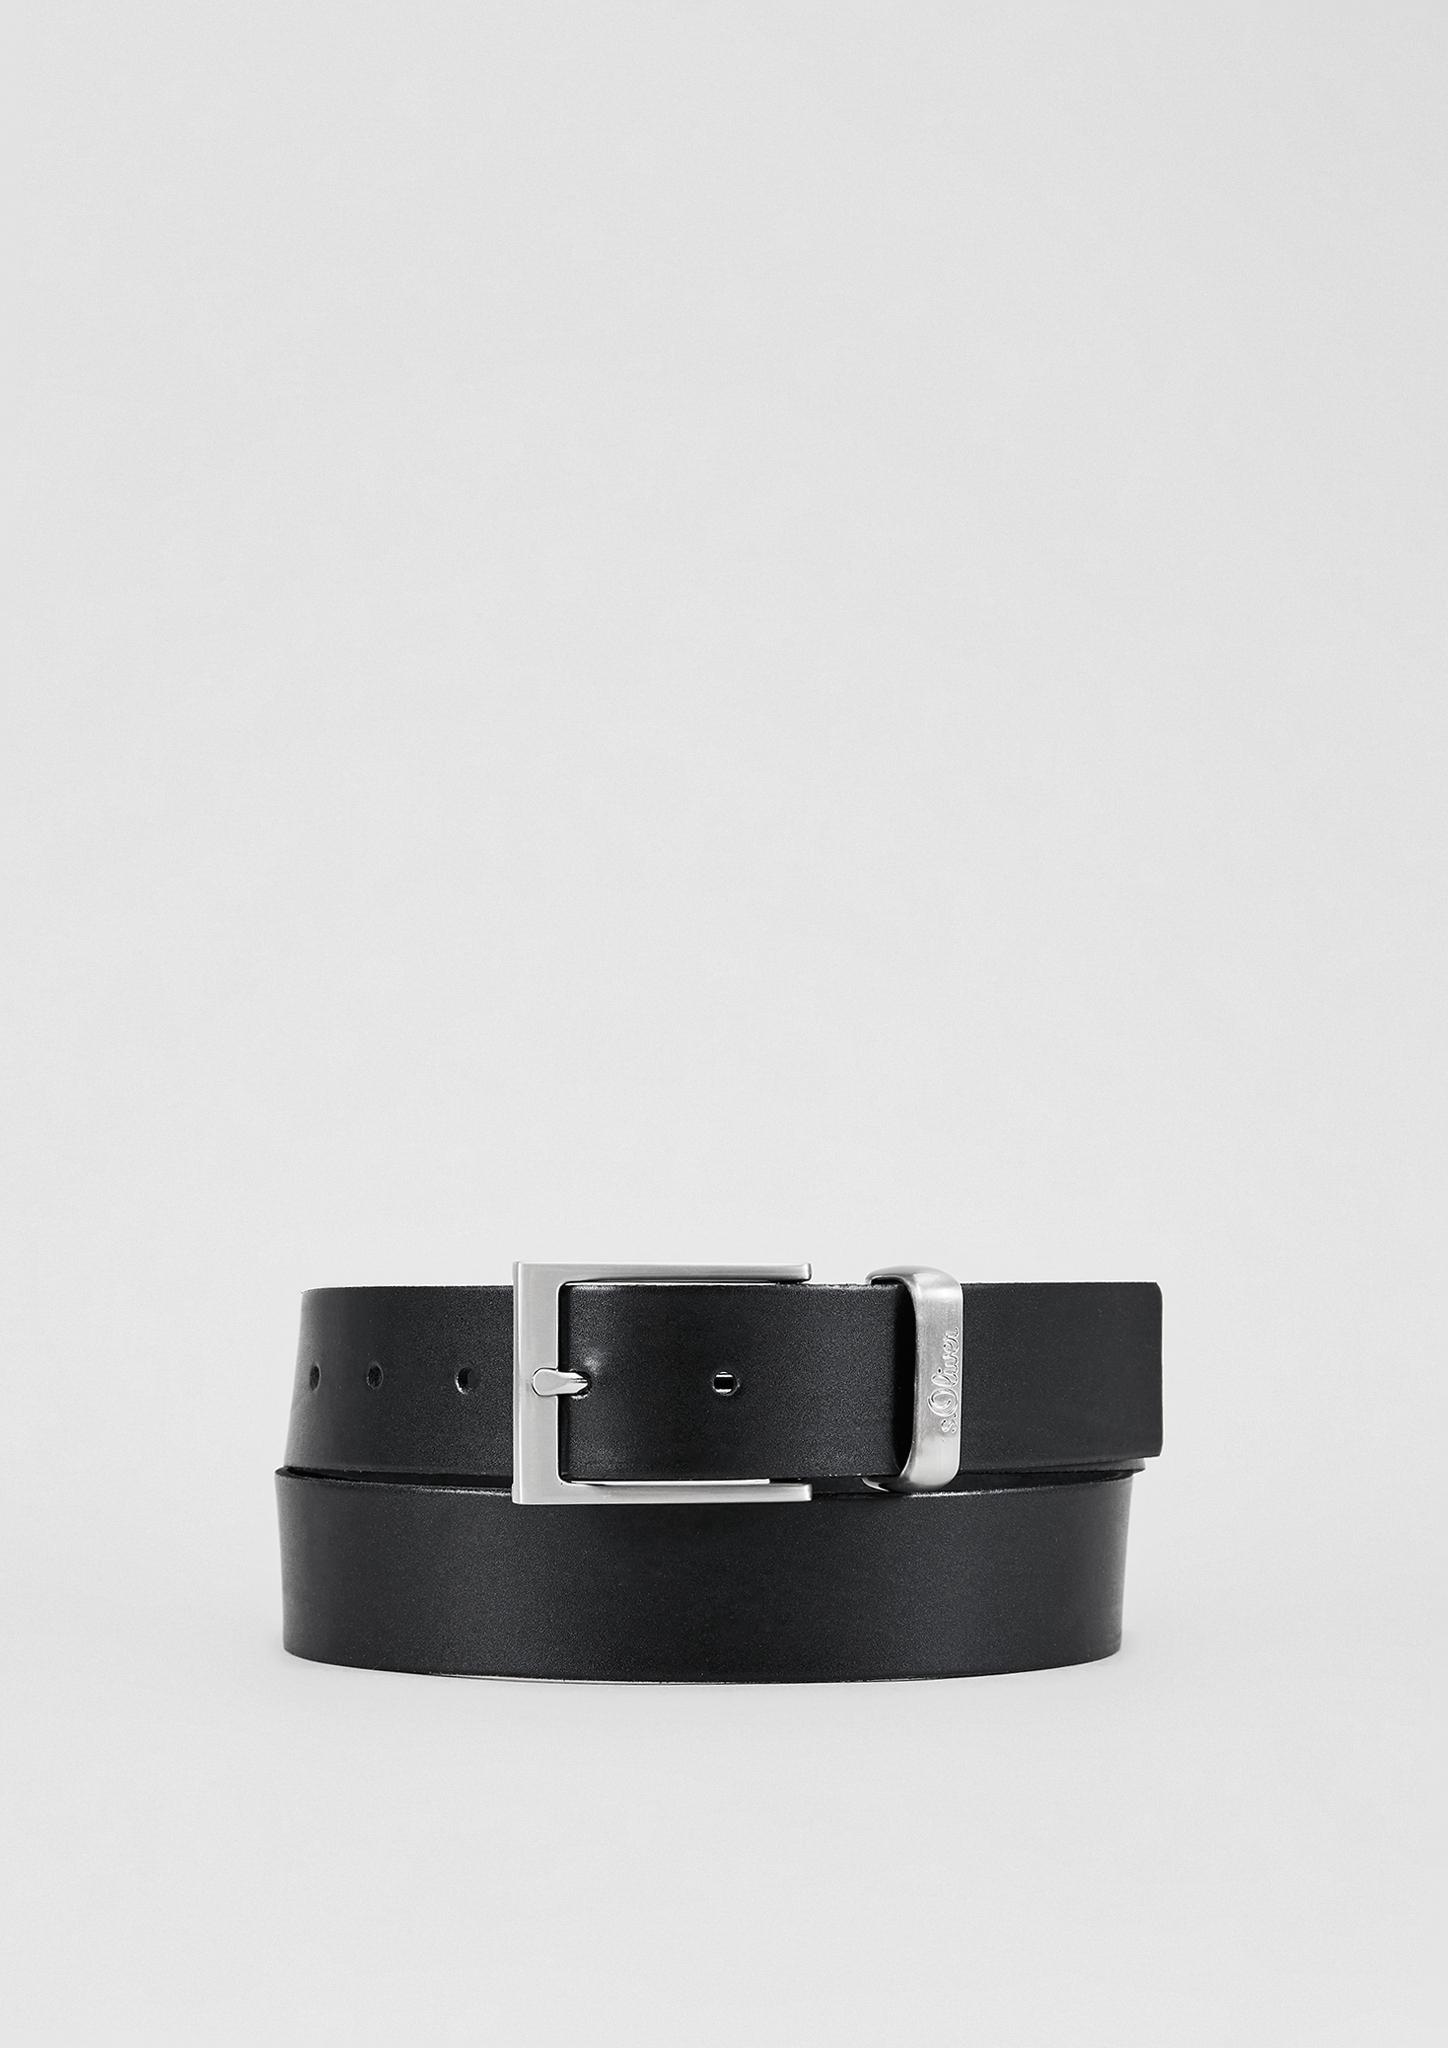 Ledergürtel | Accessoires | Grau/schwarz | 85% leder -  15% polyurethan | s.Oliver